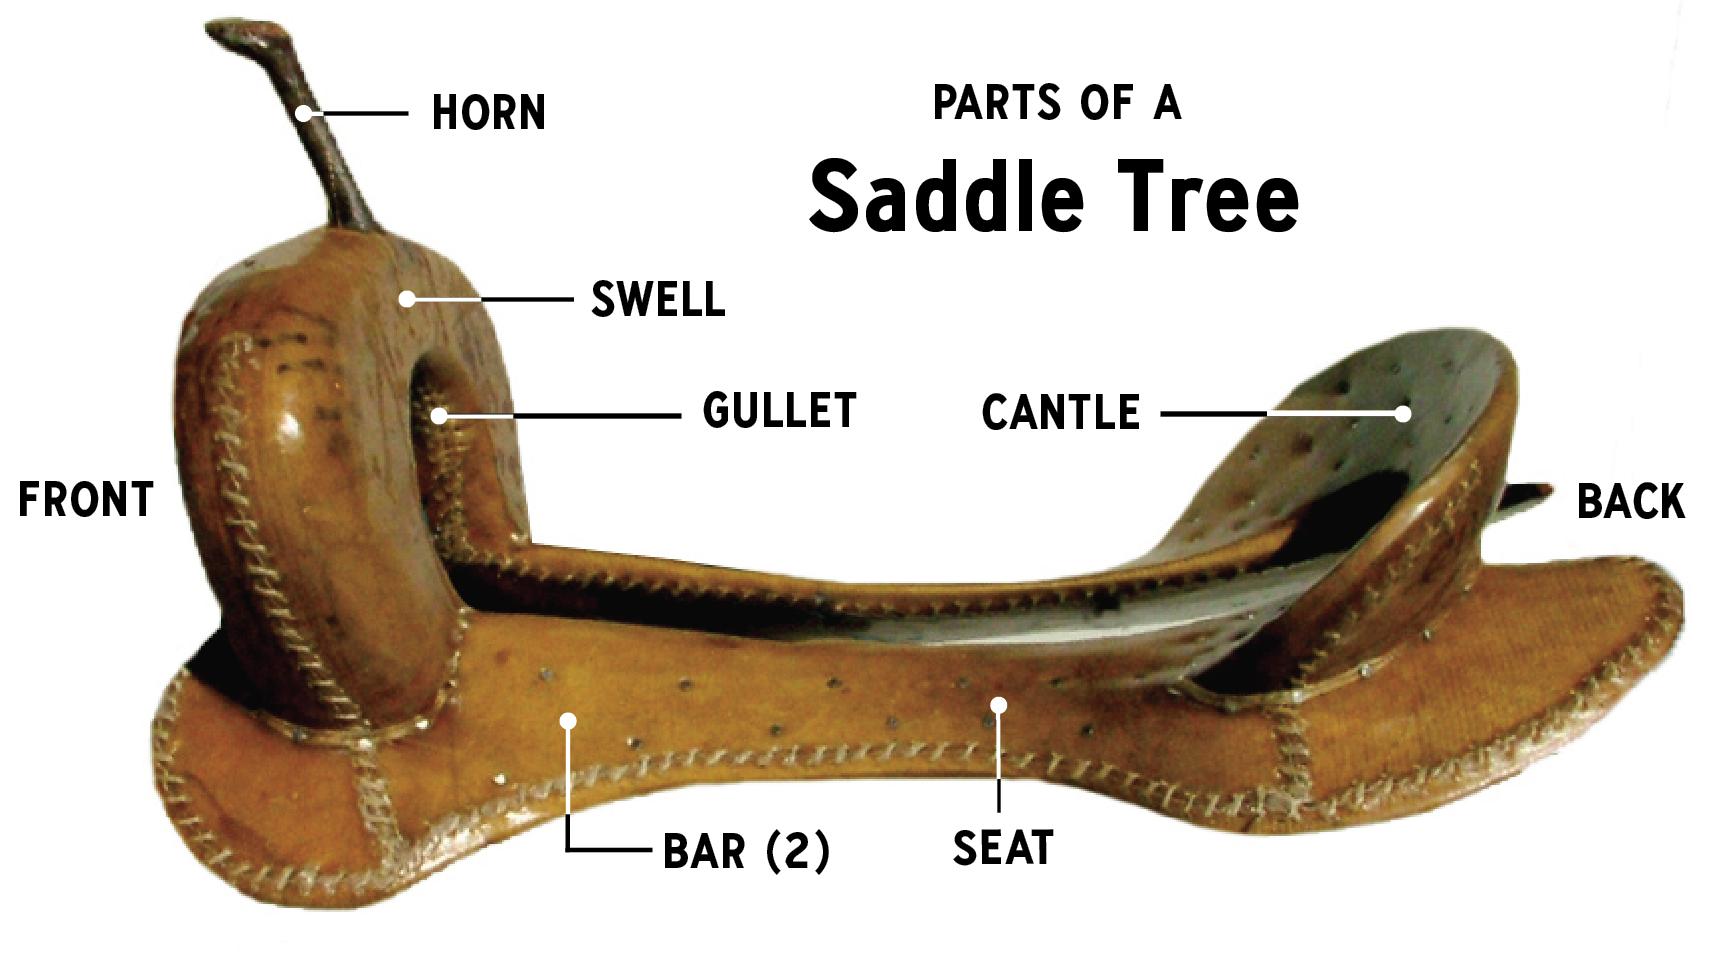 Saddle tree illust.png